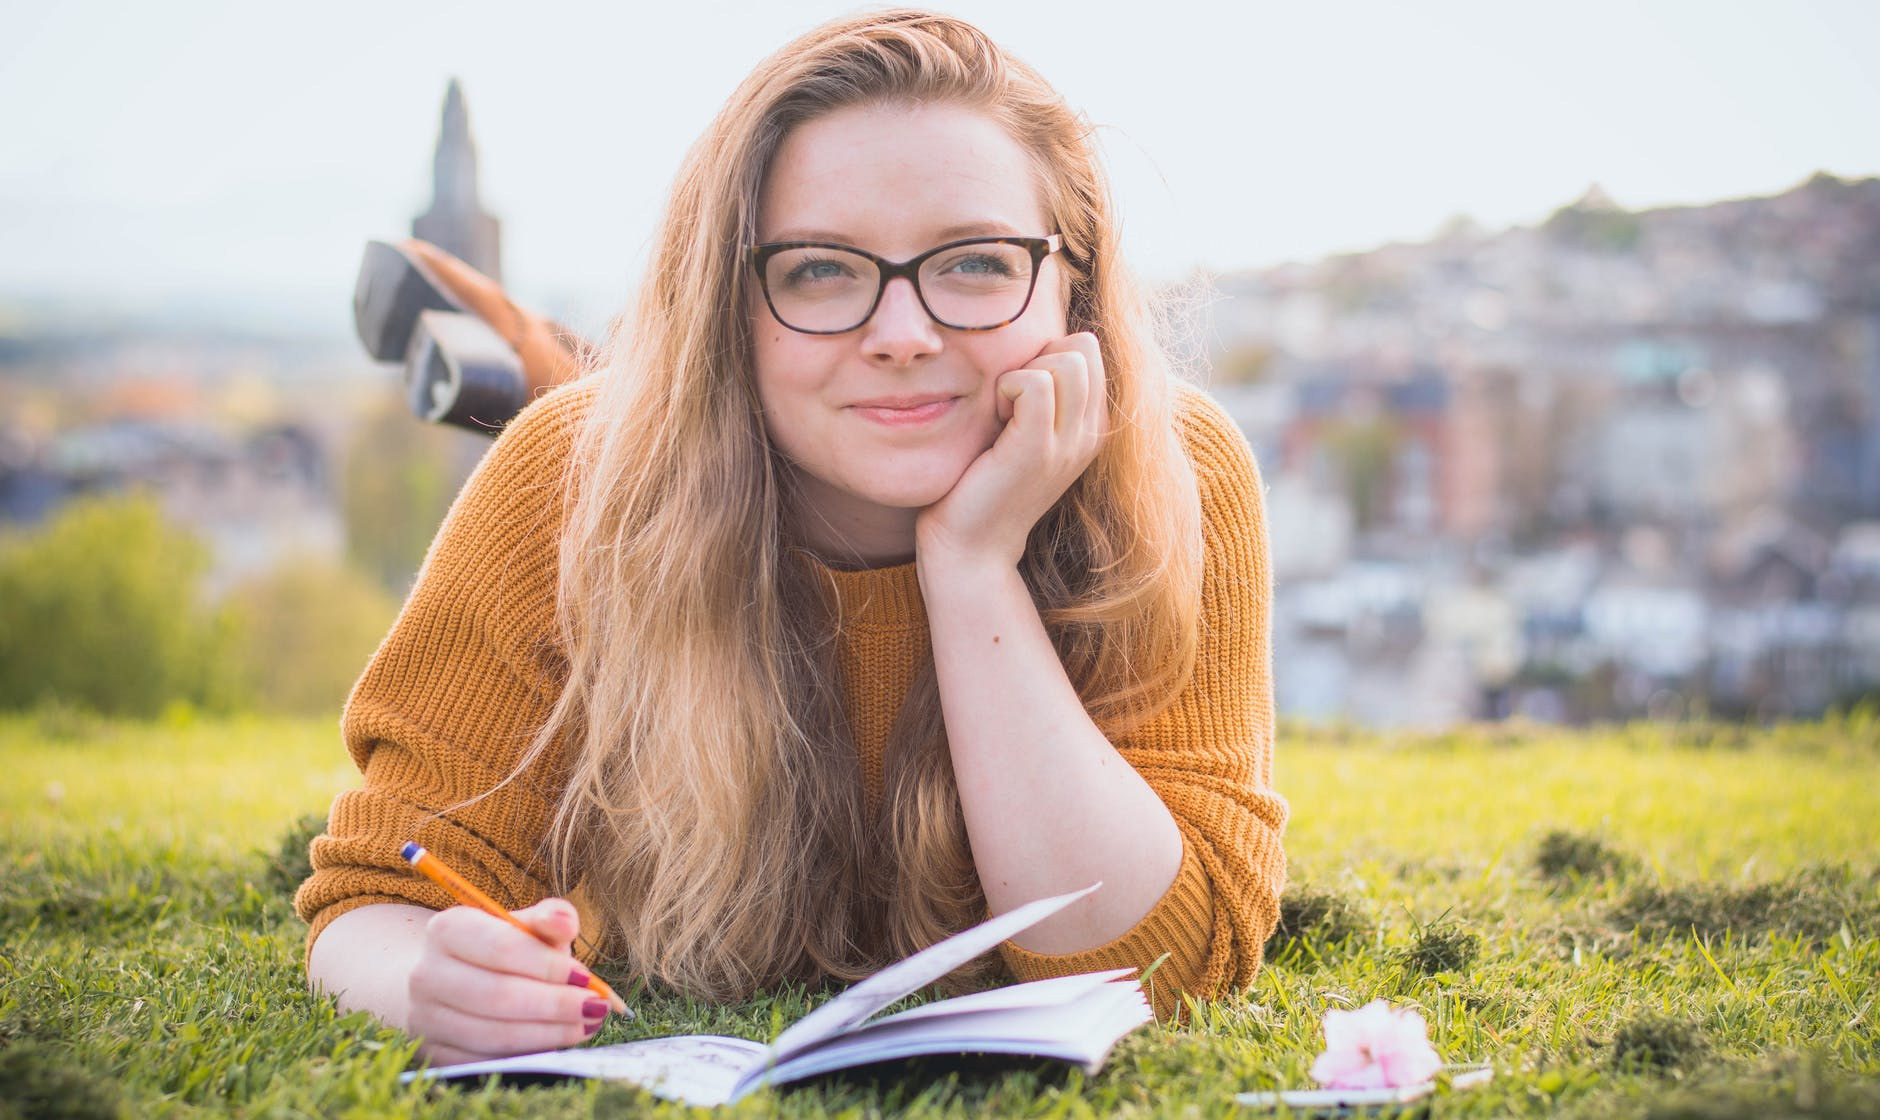 girl with myopia, wearing glasses